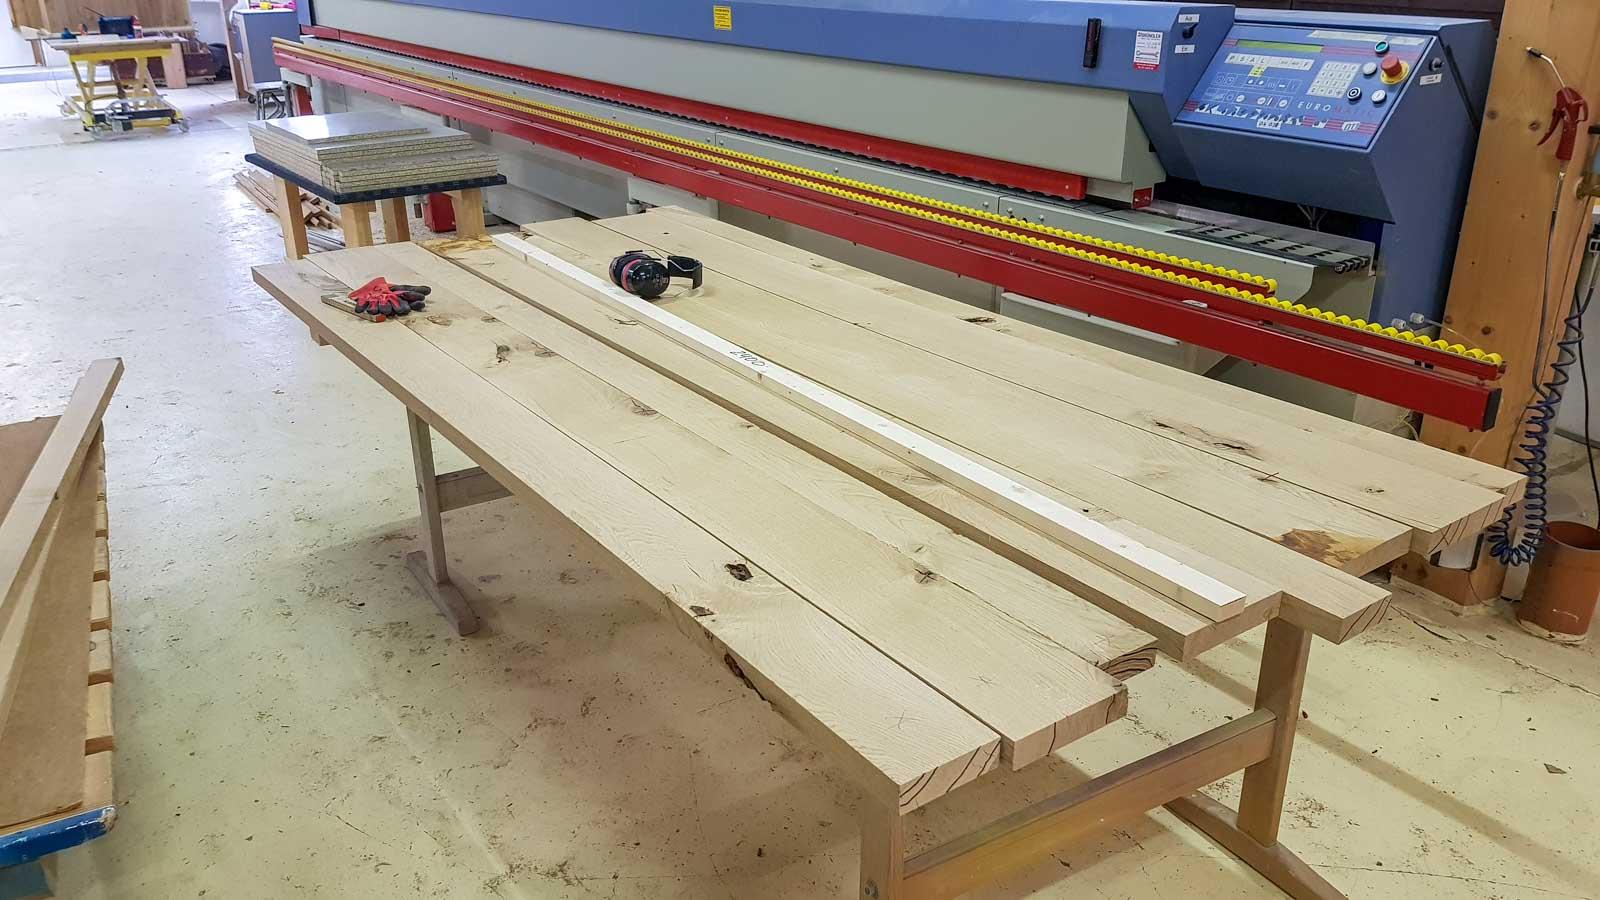 Wooddesign_Tisch_ Herstellung_Schwarzstahl_Tischgestell_Schreinerei Möbelwerkstatt (4)